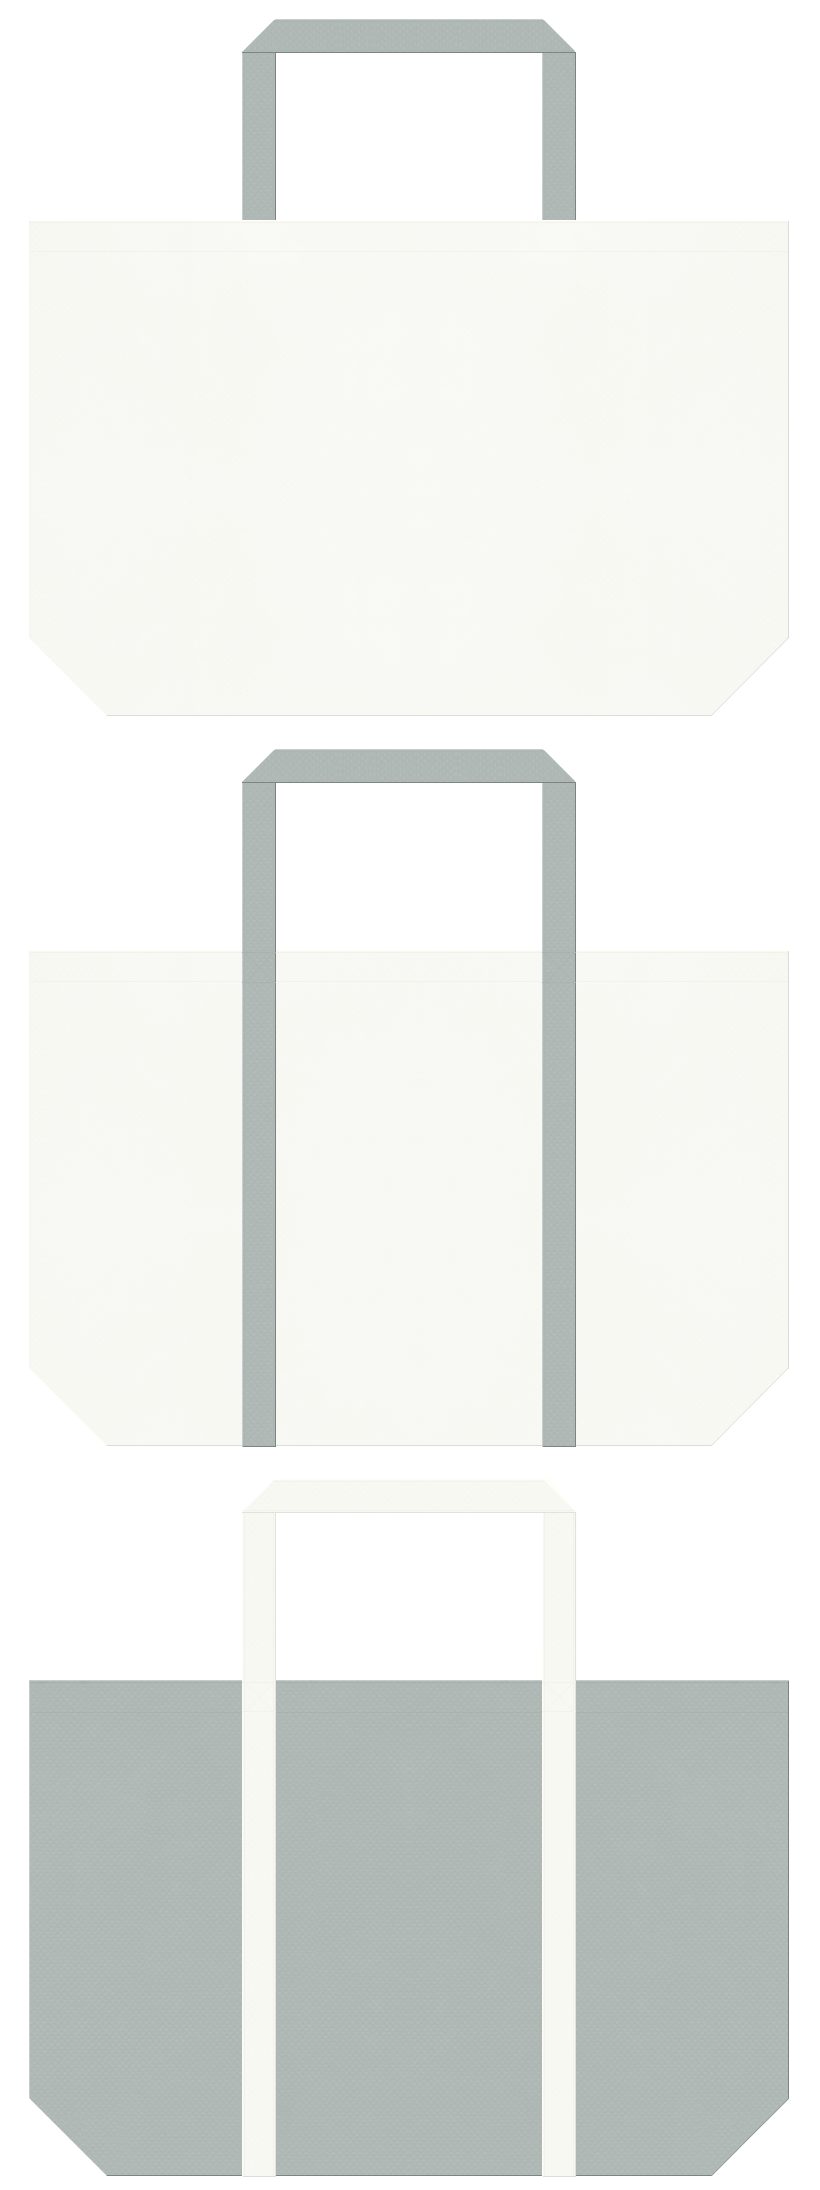 オフホワイト色とグレー色の不織布ショッピングバッグのデザイン。事務用品・設計・什器にお奨めの配色です。